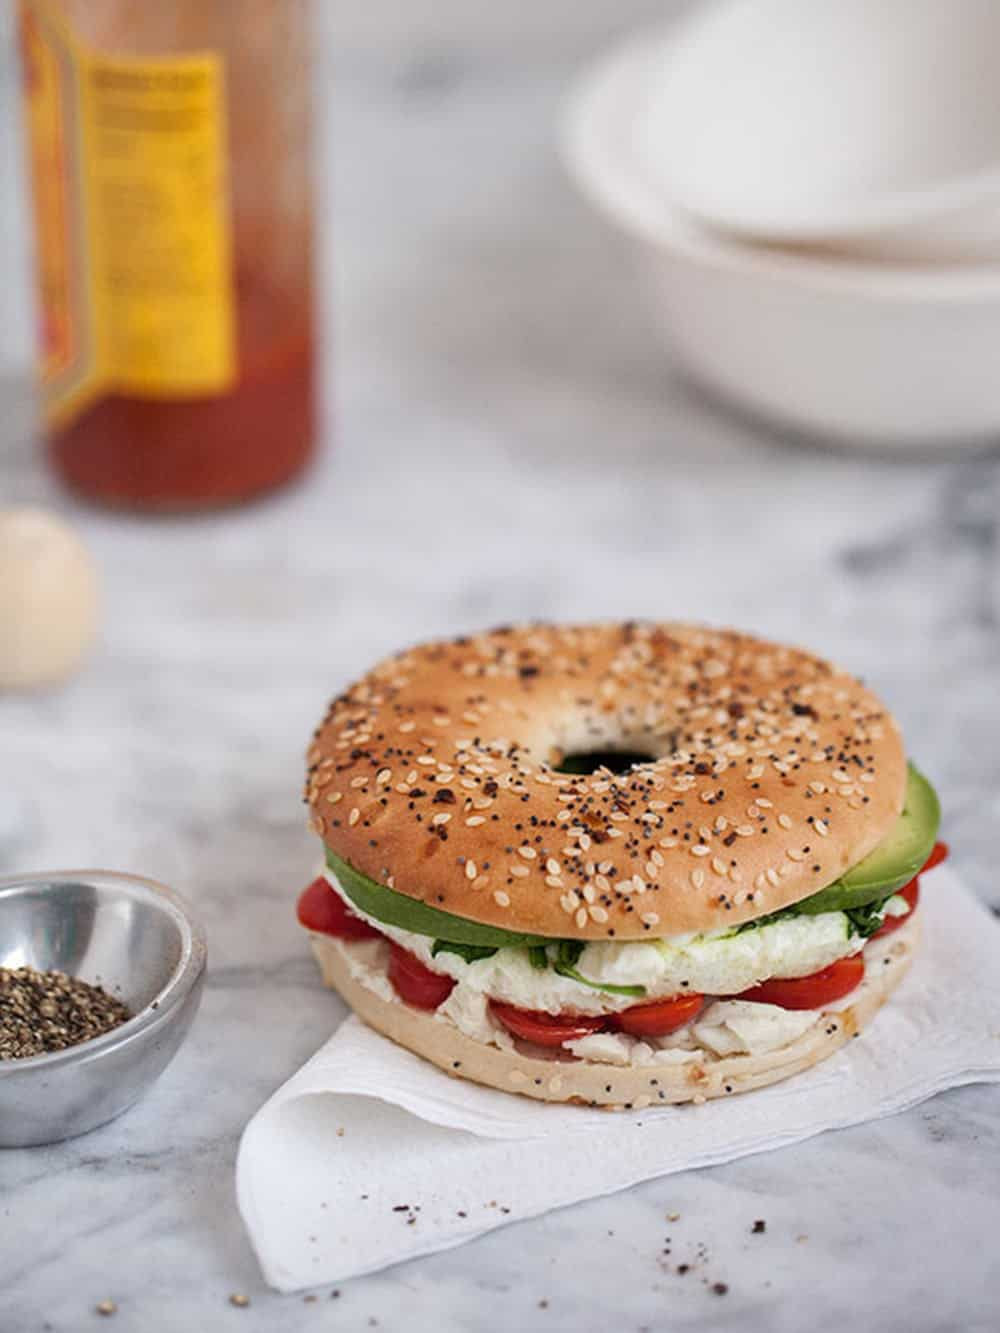 Egg sandwich 5 minute recipe